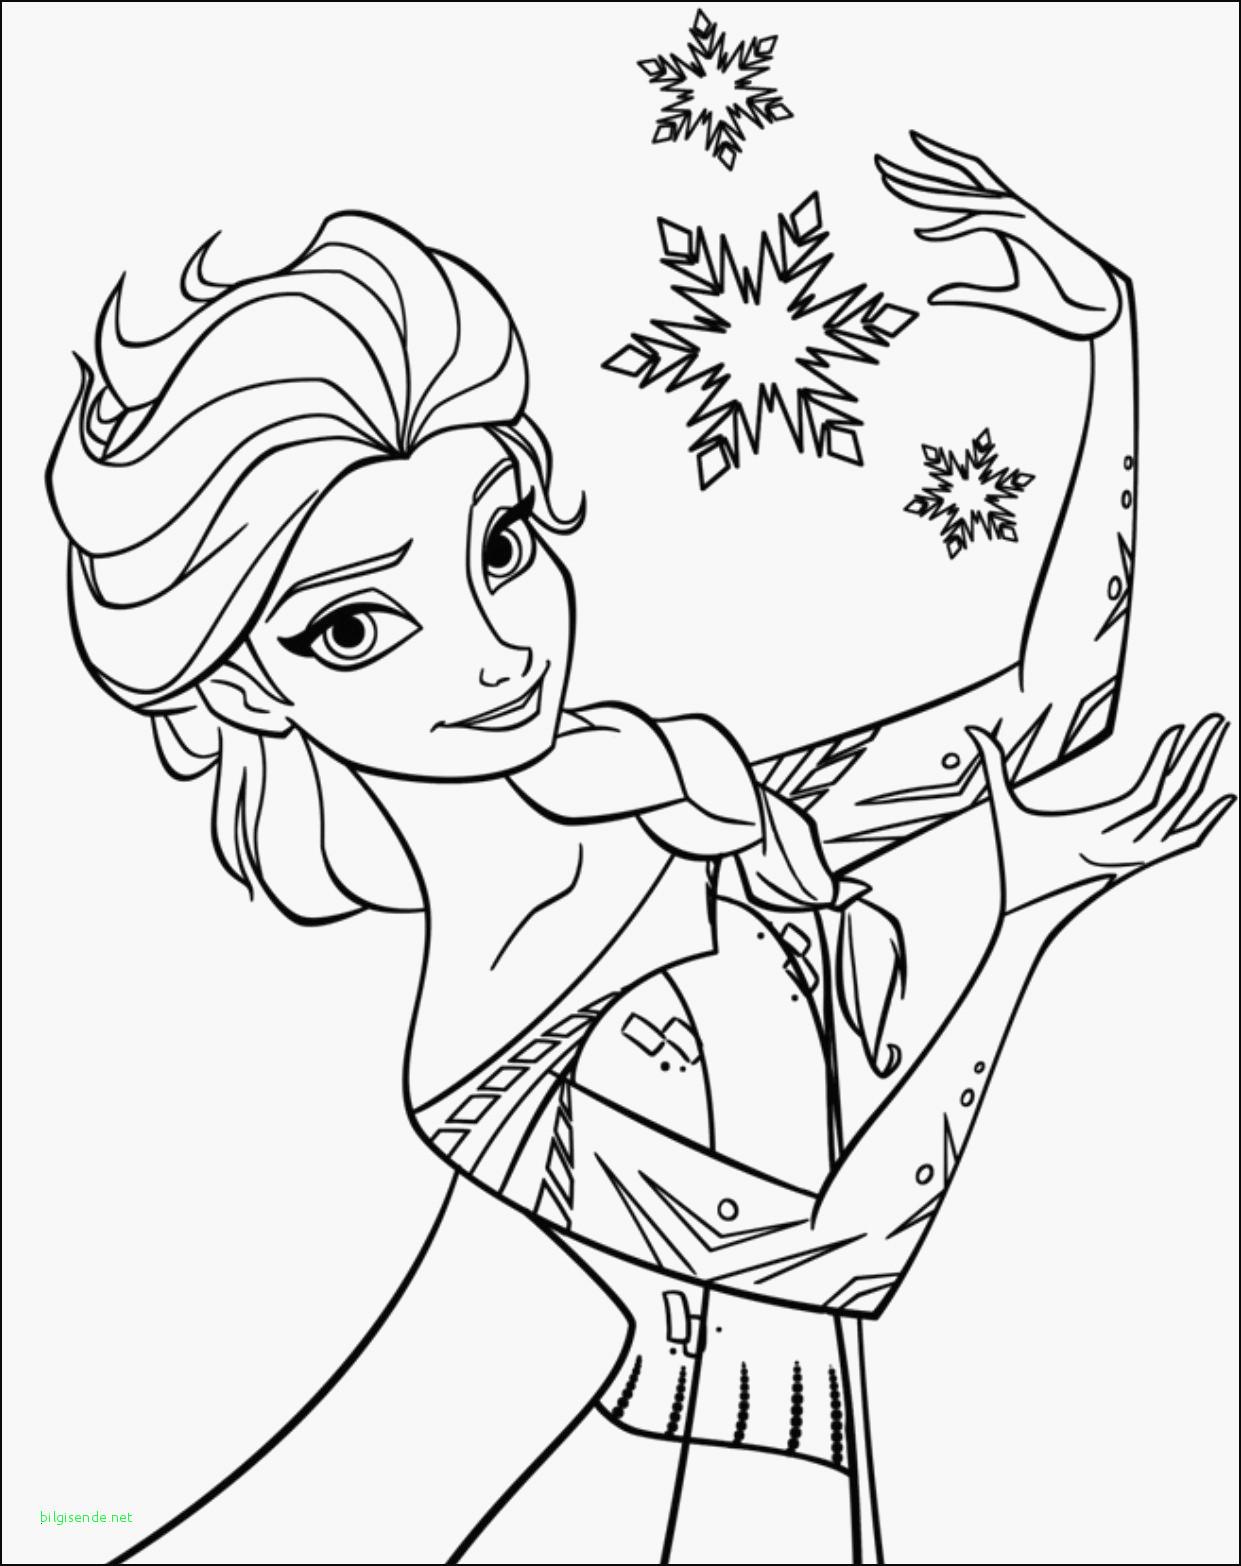 Anna Und Elsa Ausmalen Genial 40 Frozen Elsa Ausmalbilder forstergallery Das Bild